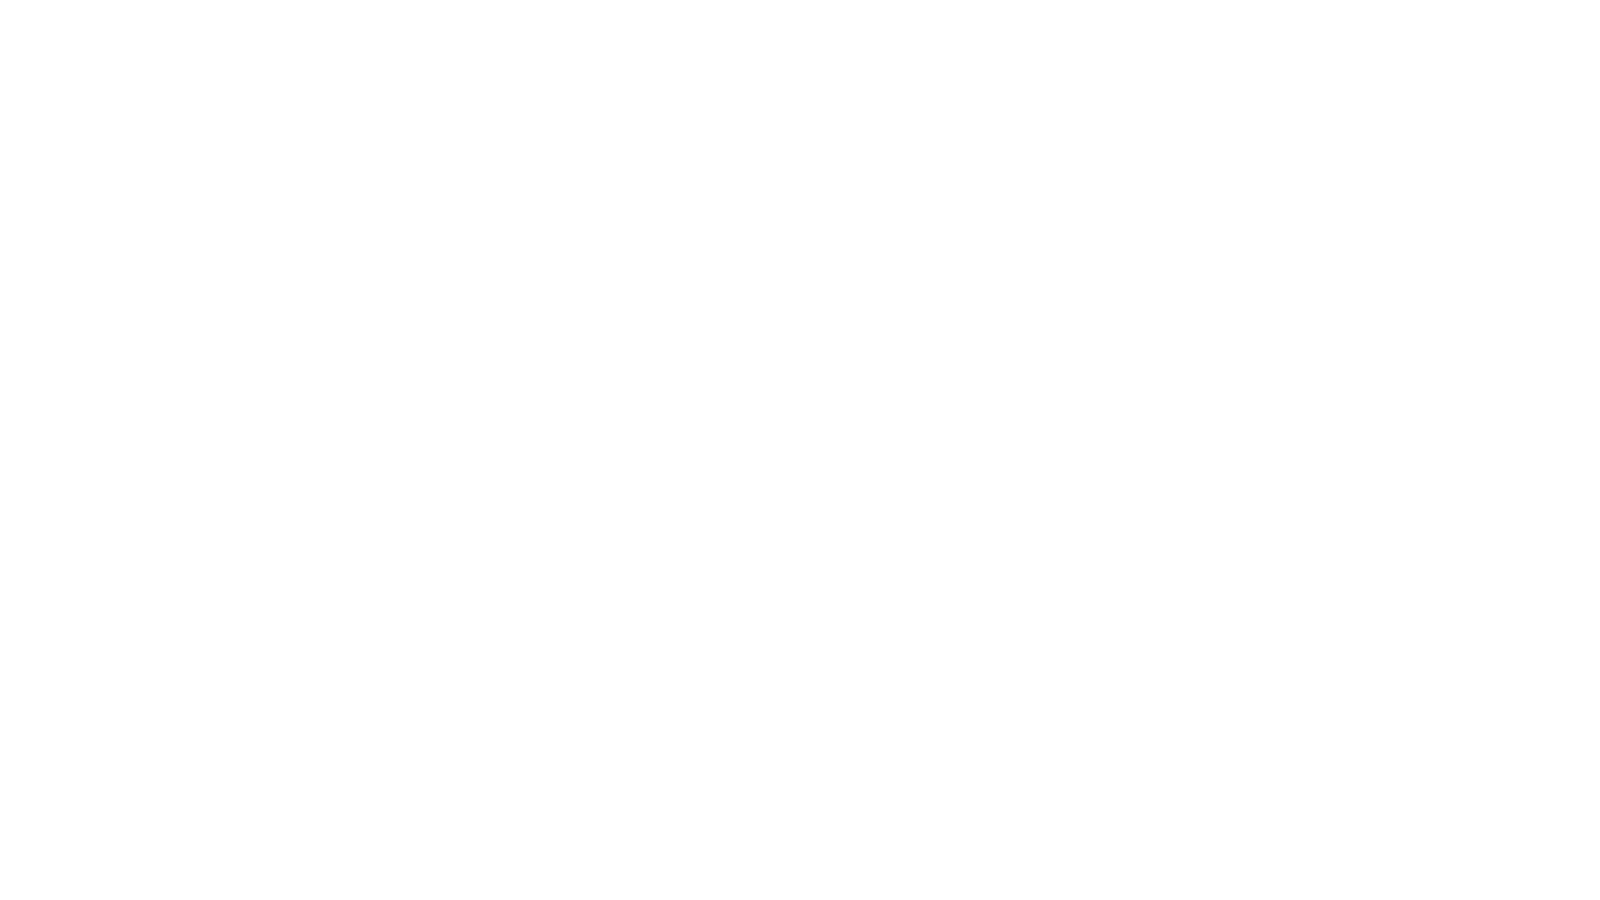 アキツチャンネル 南三陸『海の見える命の森』防災減災伝承体験編〜  【動画の内容】  前回の動画で→https://youtu.be/zVYvJRV7BnQ 南三陸のバレーボール大会 キズナカップの取材をご紹介いたしました。 その大会の代表の方も運営している、南三陸「海の見える命の森」で防災減災伝承プログラムに参加した時の様子を今回ご紹介いたします。  海の見える命の森詳しくはコチラ↓↓ ◆HP:https://uminomieruinochino.wixsite.com/mysite ◆Instagram:https://instagram.com/umimori0311?igshid=6rv2gxtiokch ◆ Twitter:twitter.com/umimori5?s=11    📝アンケートにご協力宜しくお願いします。 季節のメッセージカード プレゼント中🎁→https://forms.gle/qGQnrmbVFS6aSmeT9   【関連動画 📹】 ・楯の組立編→https://youtu.be/BZ4VRiVDelU  ・ブロンズの組立編→https://youtu.be/07qFy73GK-Q ・サンド加工編→https://youtu.be/zEfgzztbLNw ・レーザー加工編→https://youtu.be/1U26plkdNqM ・フェイスシールド『たべれーる』編→https://youtu.be/-diyxCLhRl0  【SNSでアキツ工業株式会社とお友達になって下さい♫】 ◆Instagram:https://www.instagram.com/win_akitsu/ ◆Facebook:https://ja-jp.facebook.com/WIN.Akitsu/ ◆Twitter:https://twitter.com/winakitsu  アキツ工業株式会社 〒587-0042 大阪府堺市美原区木材通4-3-13 TEL  072-363-0500 FAX  072-363-0501 HP→https://www.wininc.jp/